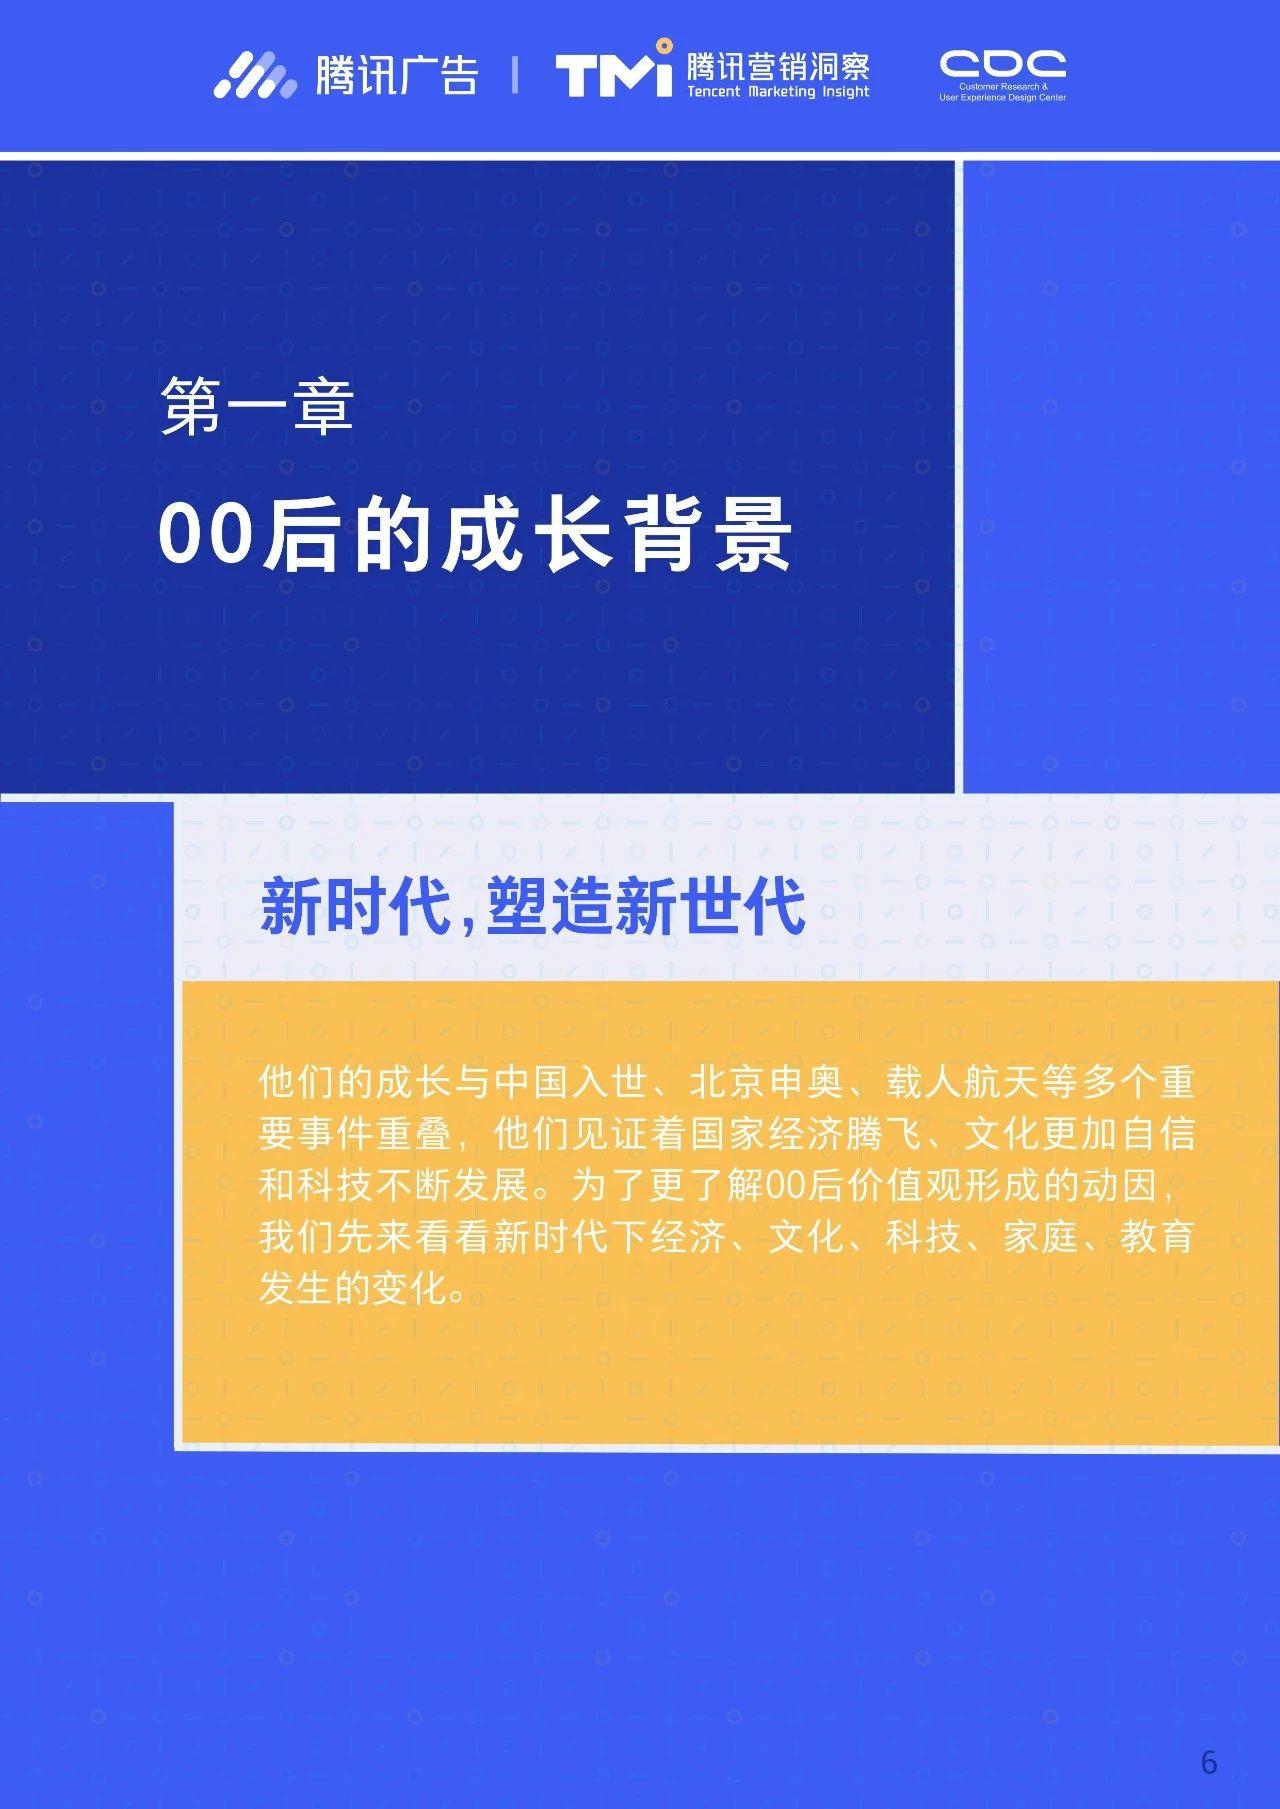 【行业报告】00后人群消费趋势研究报告